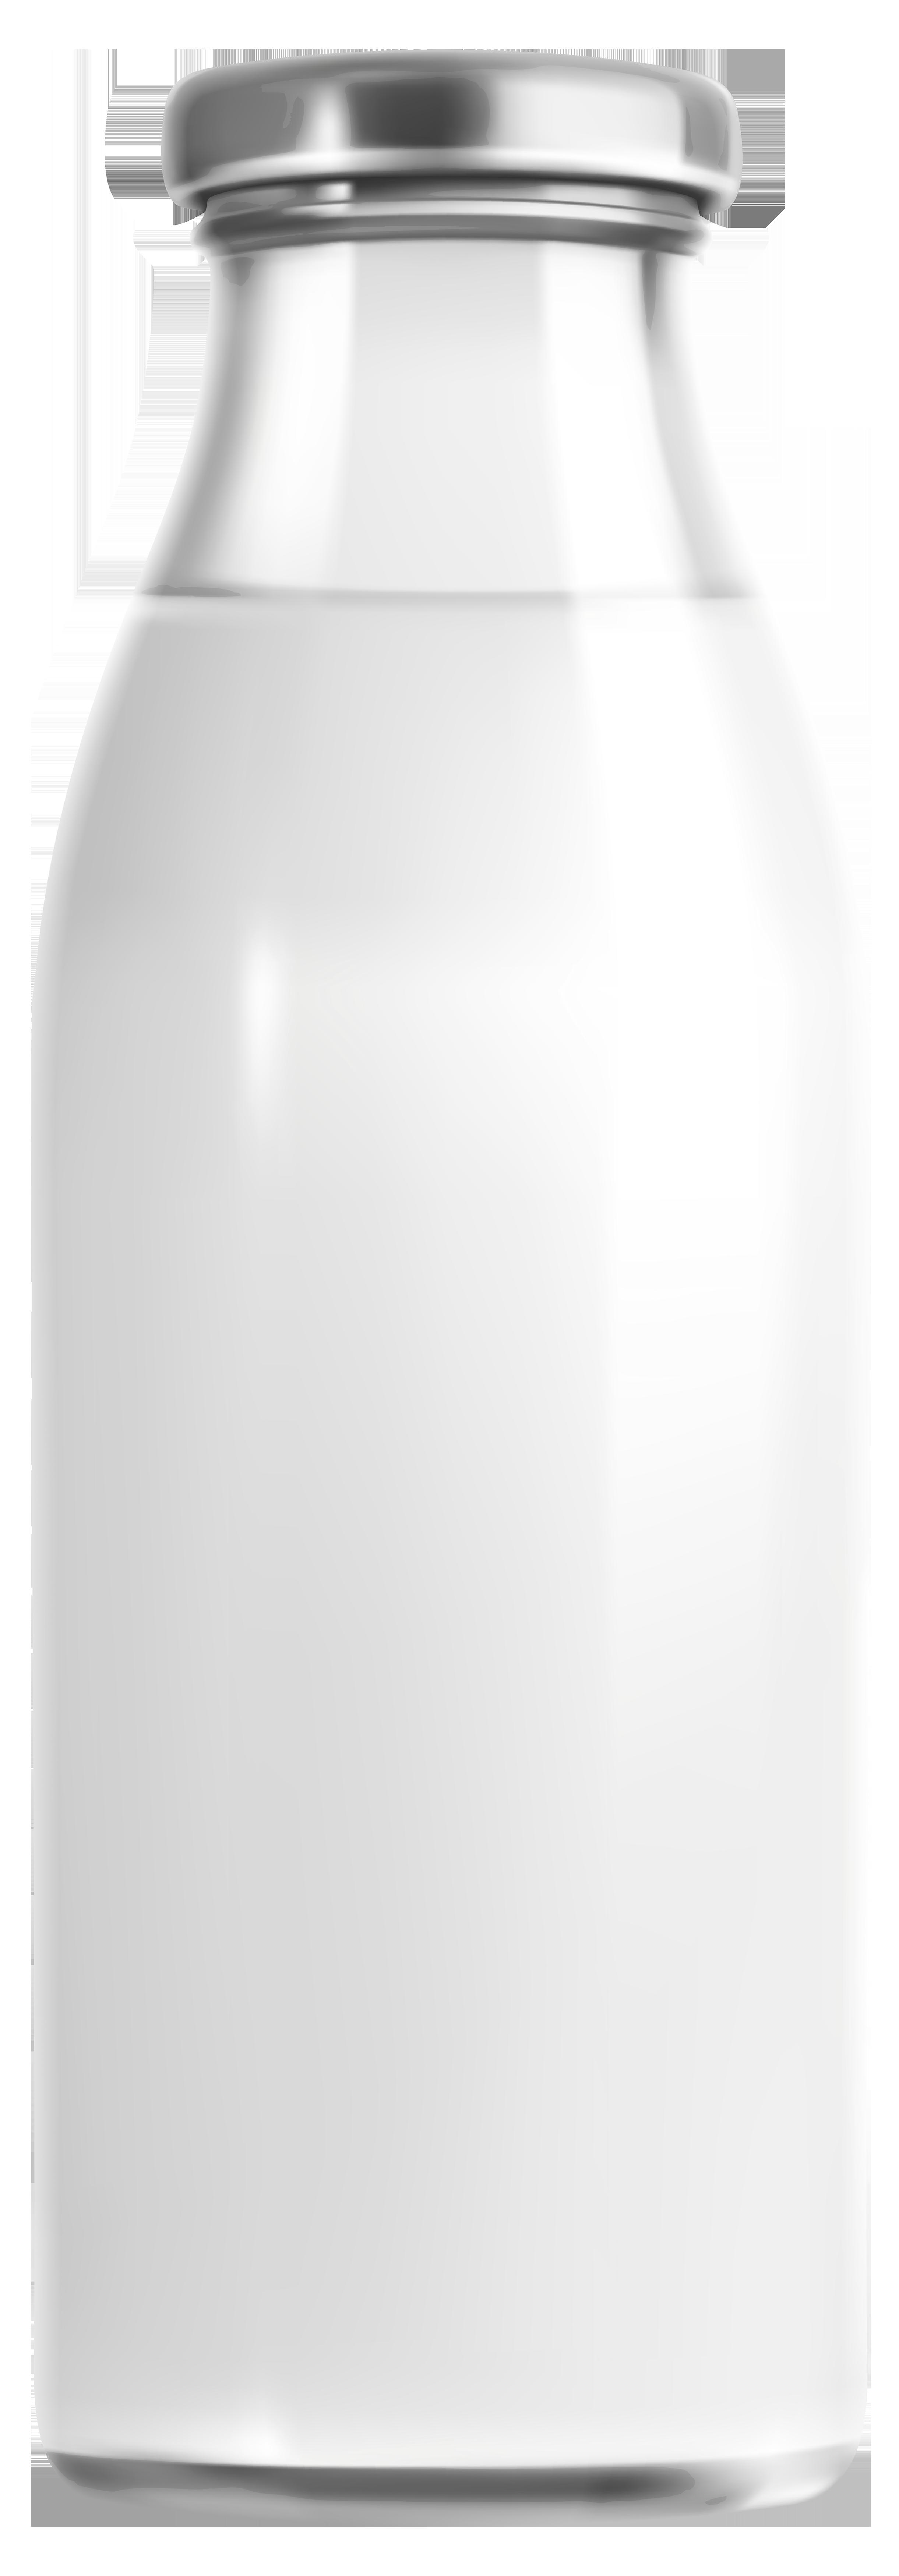 Milk bottle png. Clip art best web